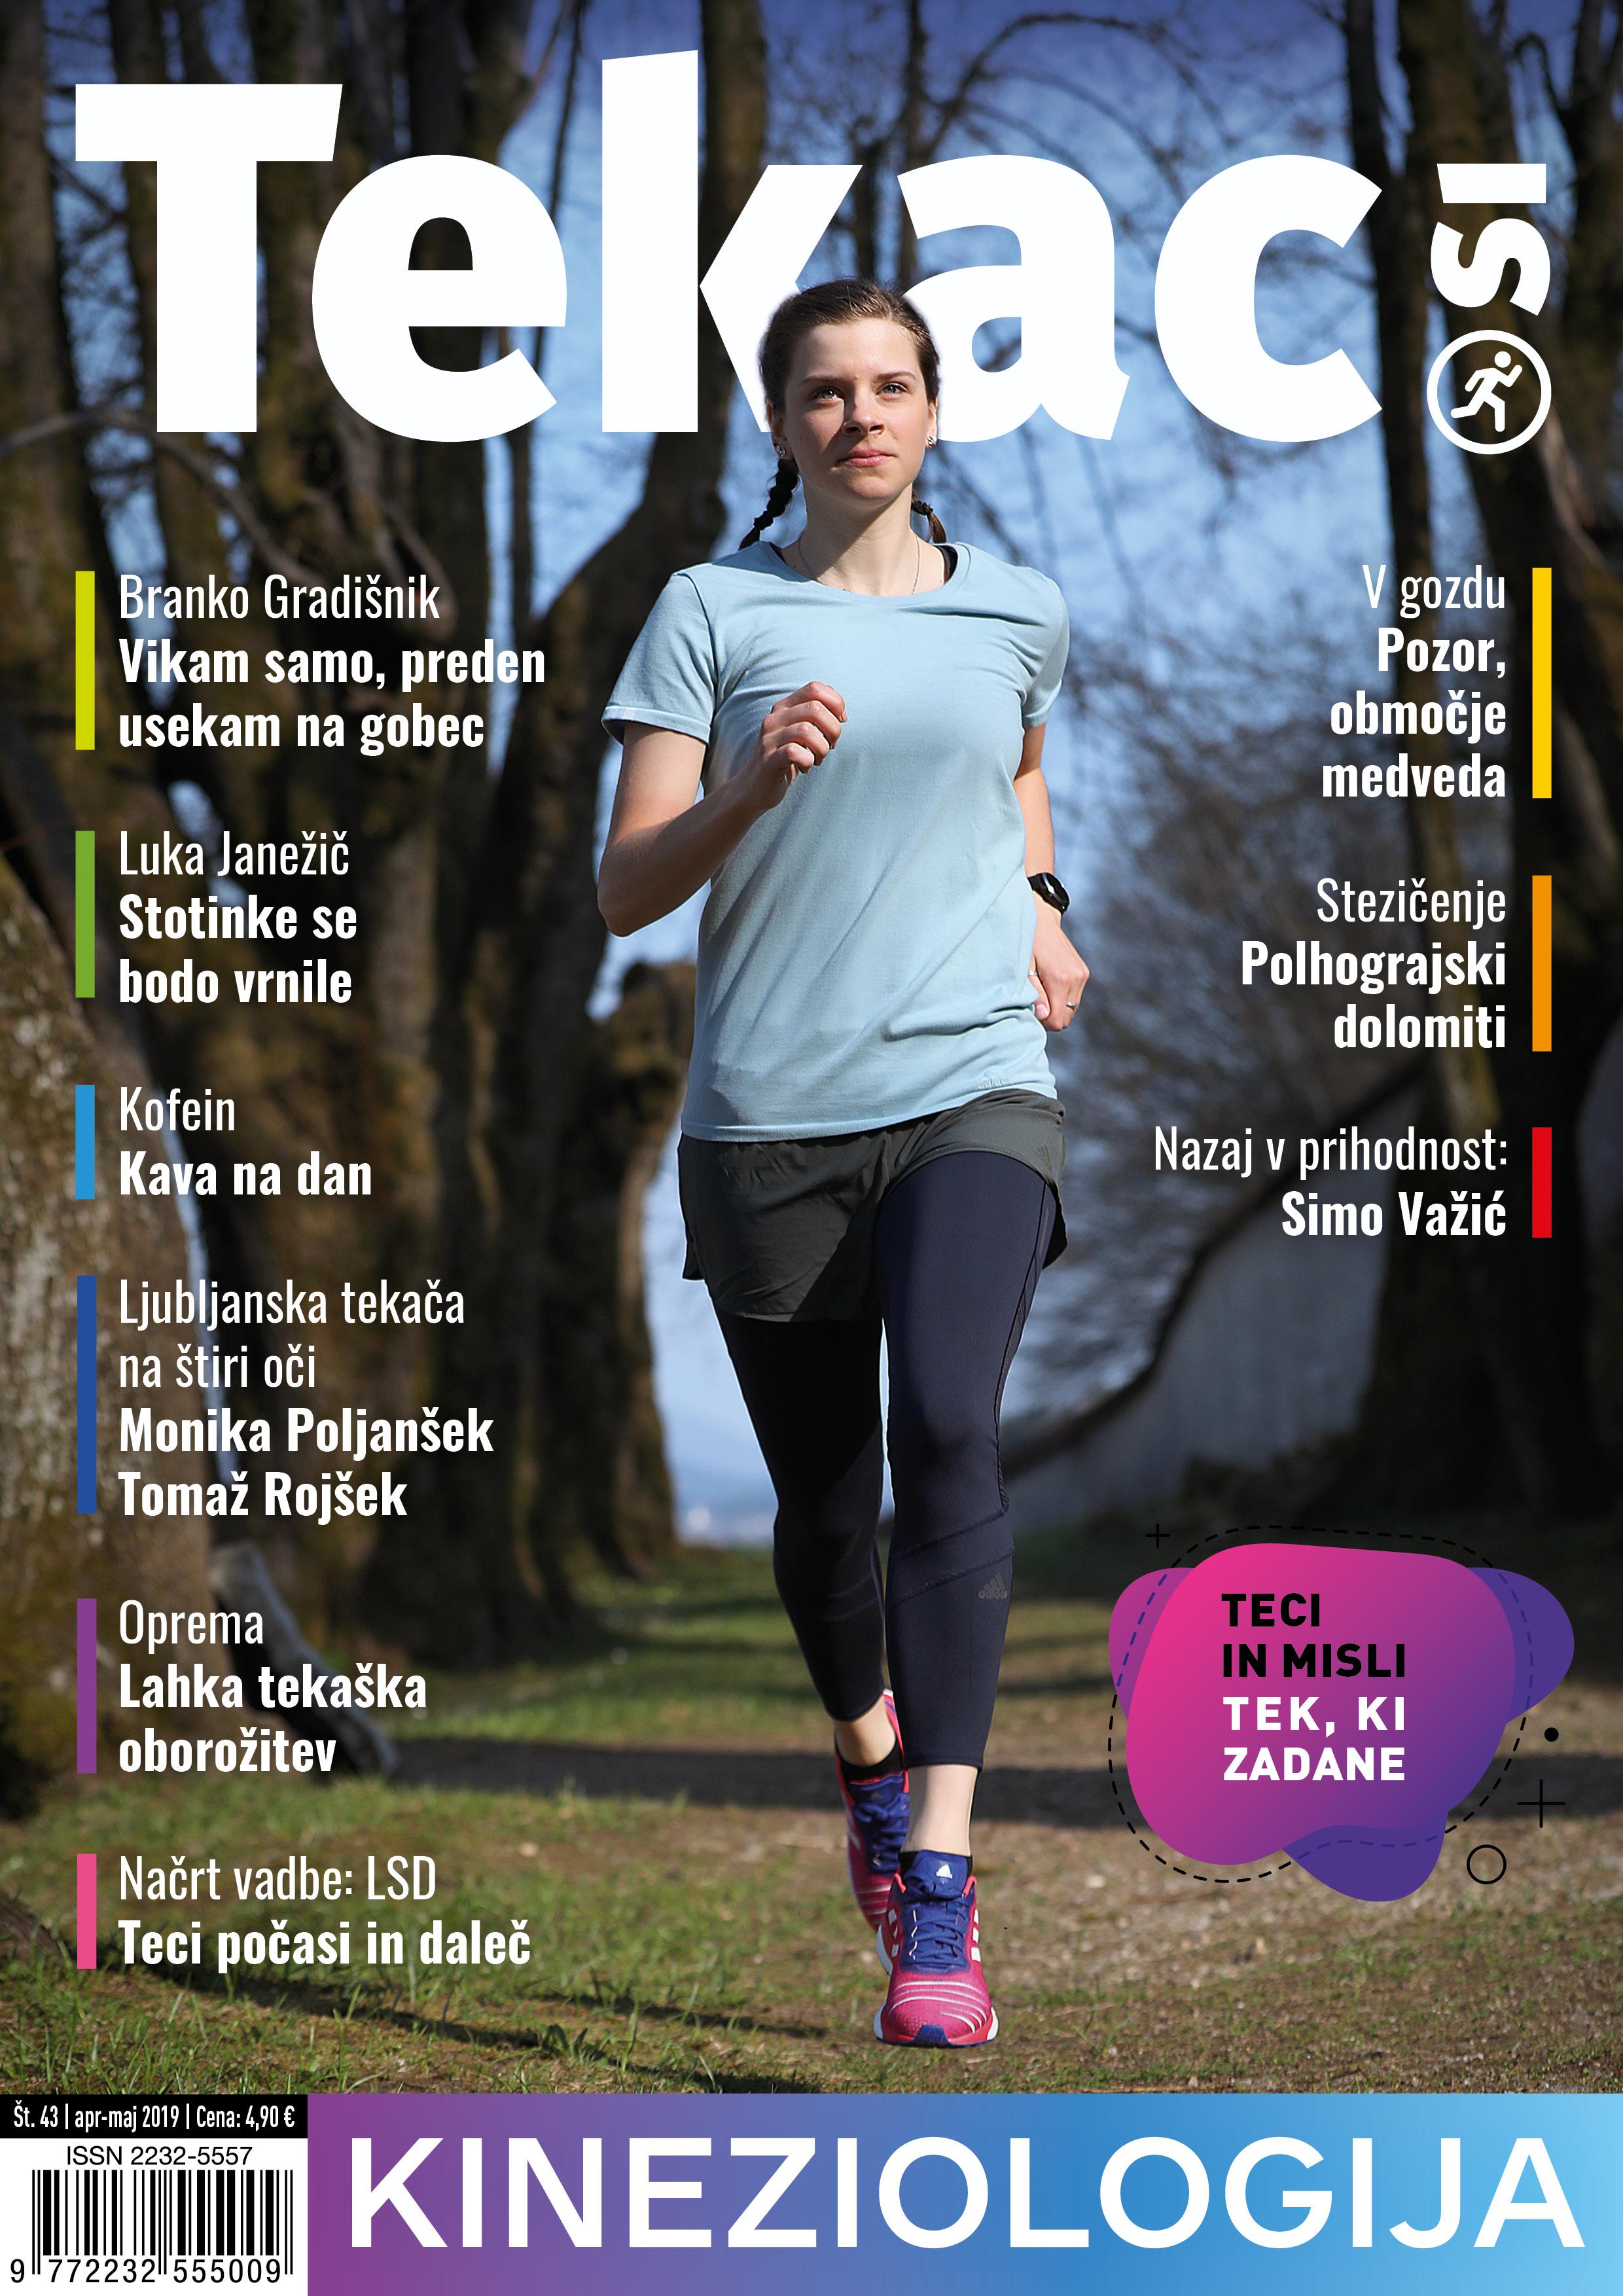 Odklop? Prisluhnite! - revija Tekac.si 02-03